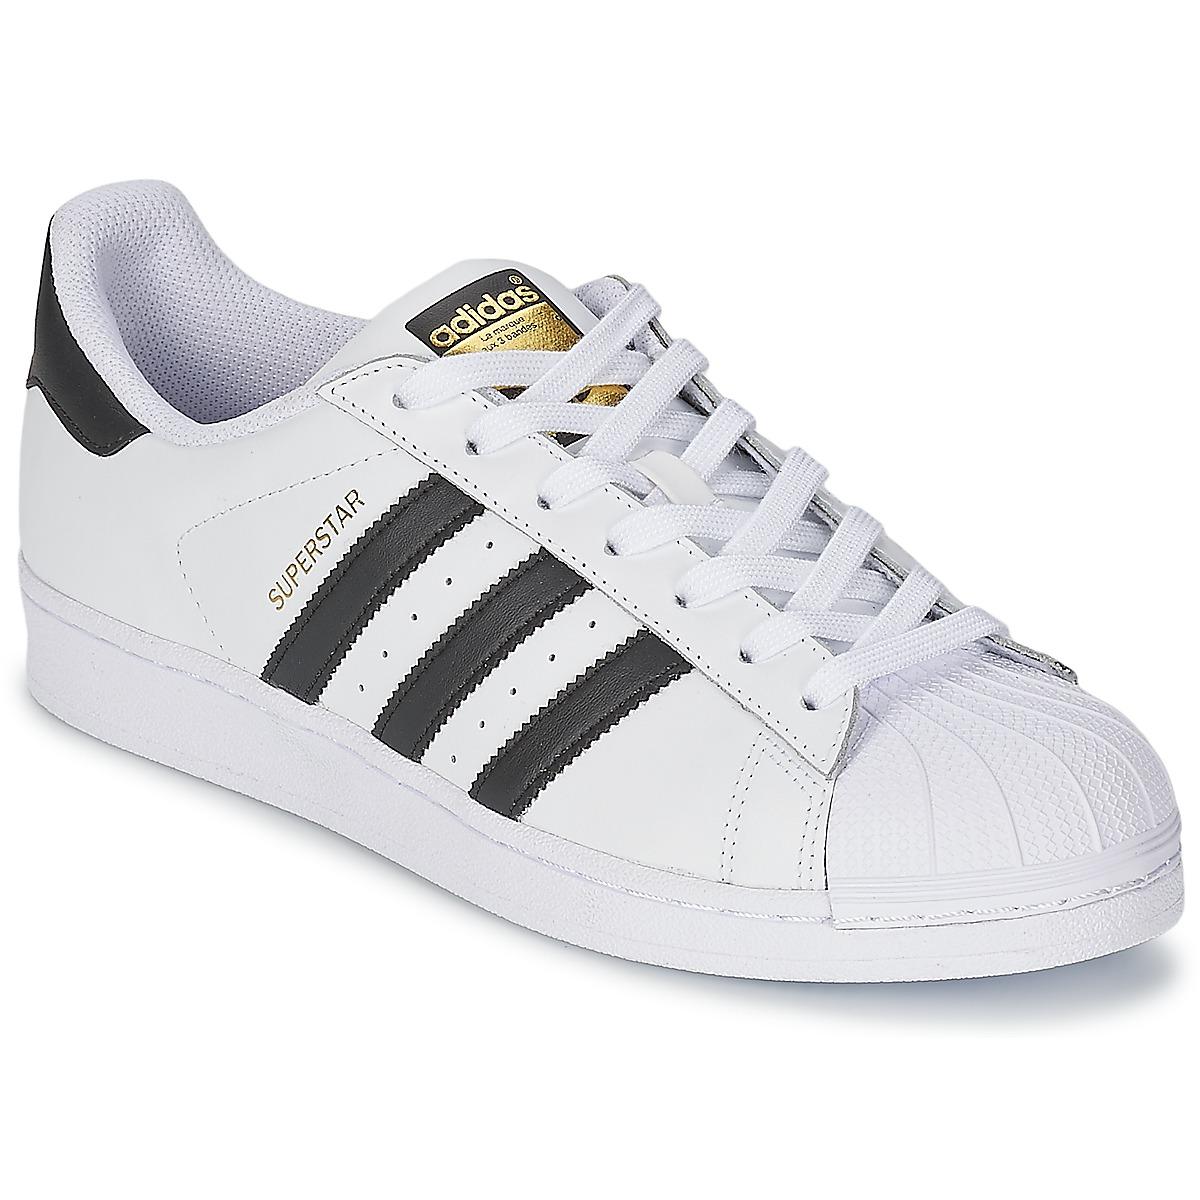 9d97b2425b5 adidas Originals SUPERSTAR Branco   Preto - Entrega gratuita com a  Spartoo.pt ! - Sapatos Sapatilhas 86